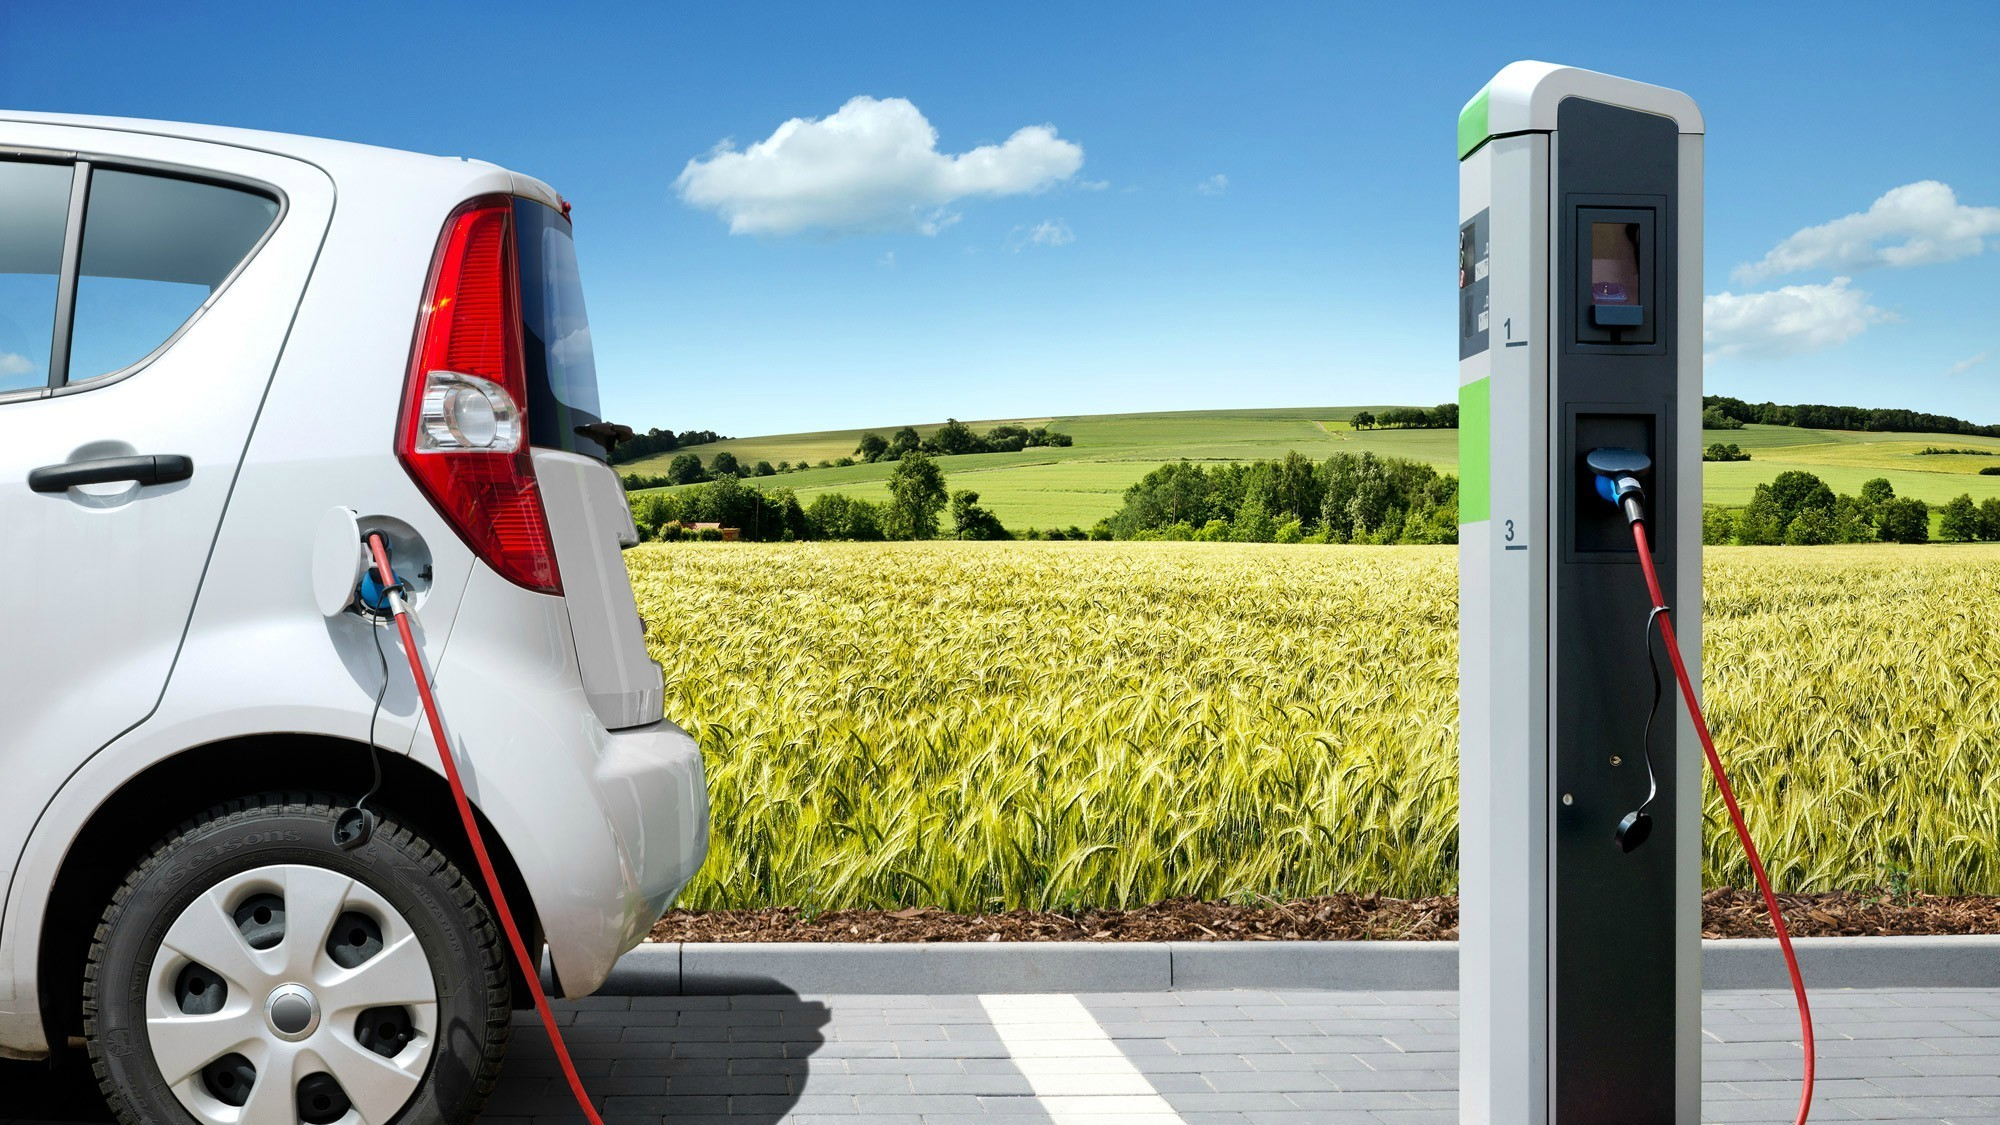 Schemi Elettrici Automobili Gratis : Auto elettrica il governo italiano pensa agli incentivi toms